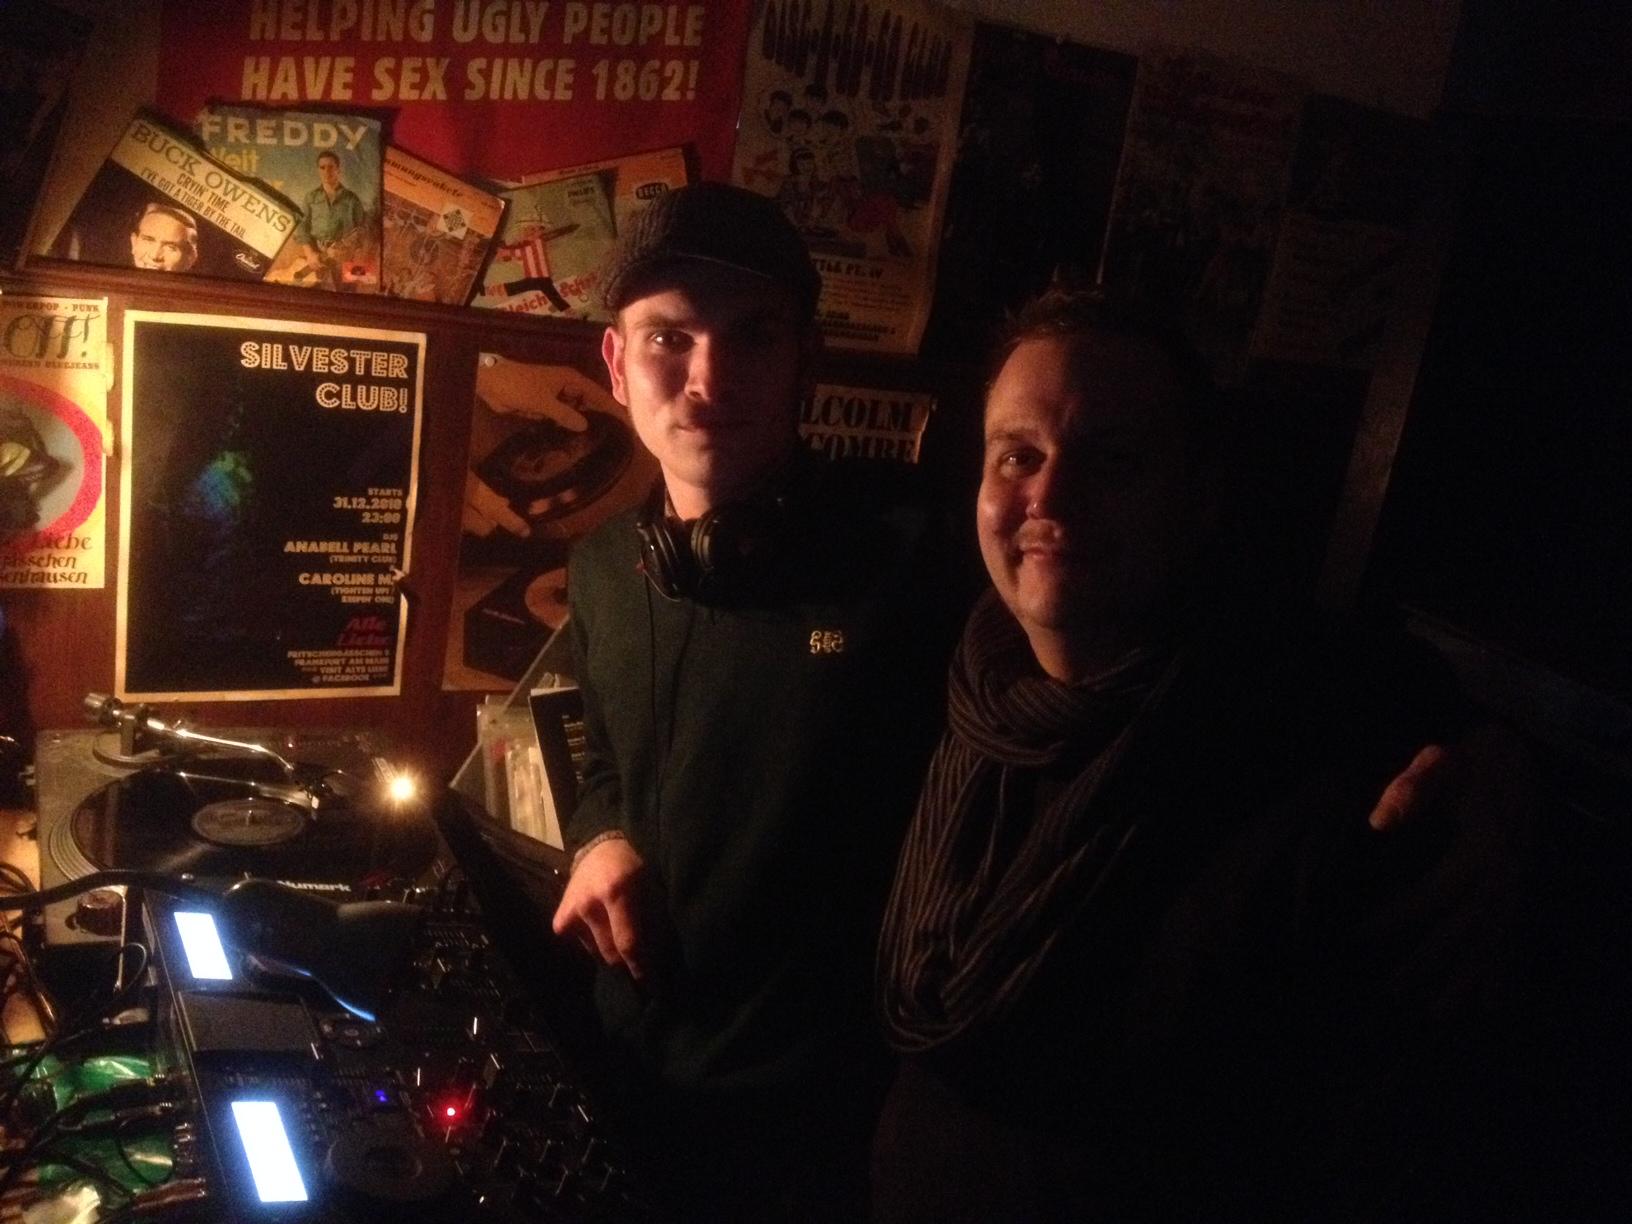 Vinylriders, nicht nur hinterm Mischpult gut gelaunt: Jimmy Jack und Boris Szech in der Alten Liebe